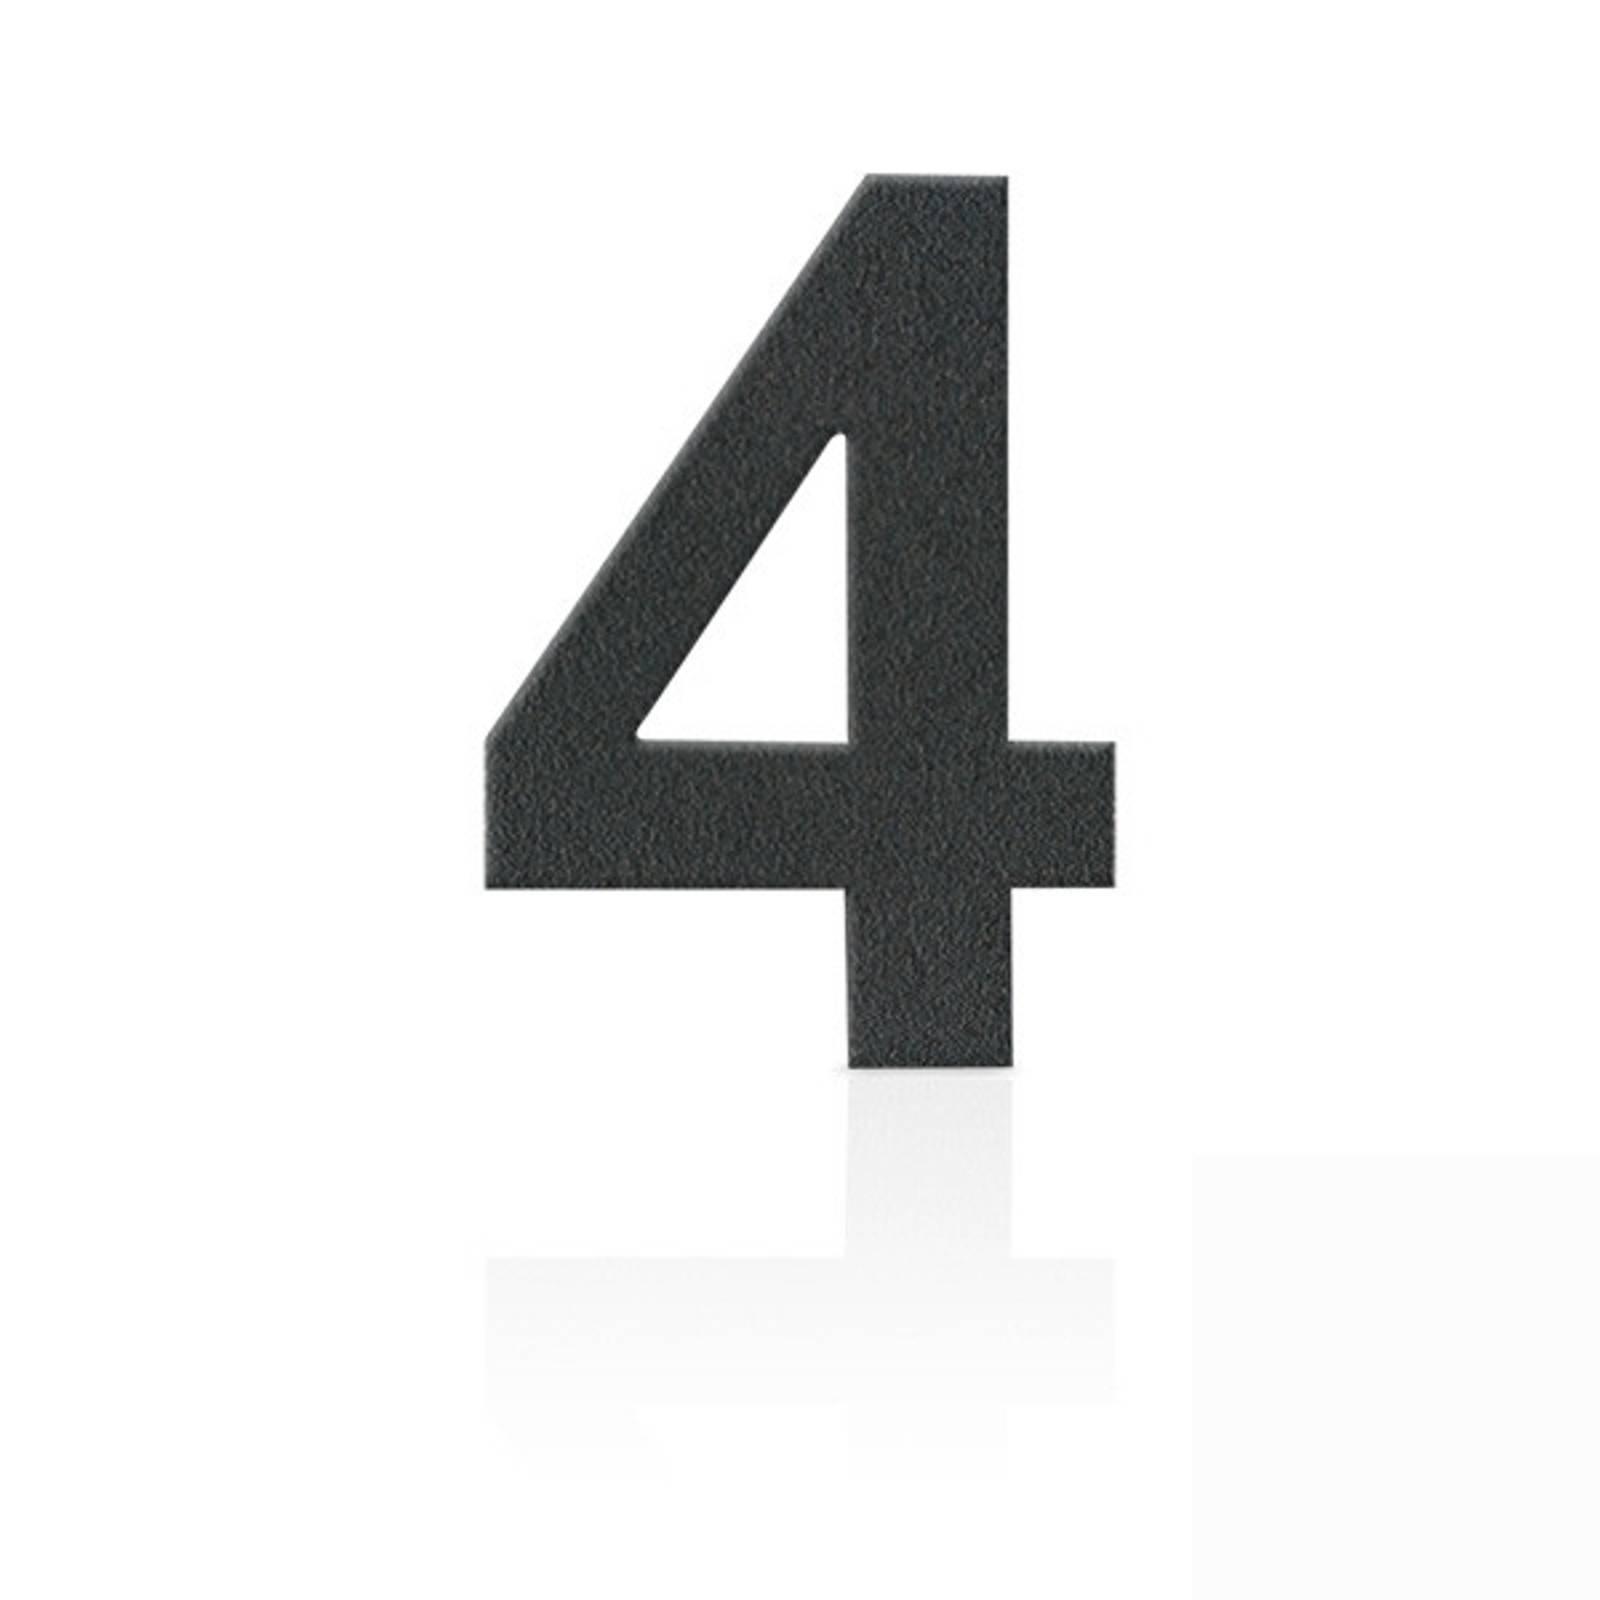 3D Design Metafranc Hausnummer 9 Individuelle Kombinationsm/öglichkeiten // Beschriftung // Kennzeichnung // Ziffer // Haust/ür // Hauswand // Gartentor // 424087 Edelstahl Gute Lesbarkeit 120 mm